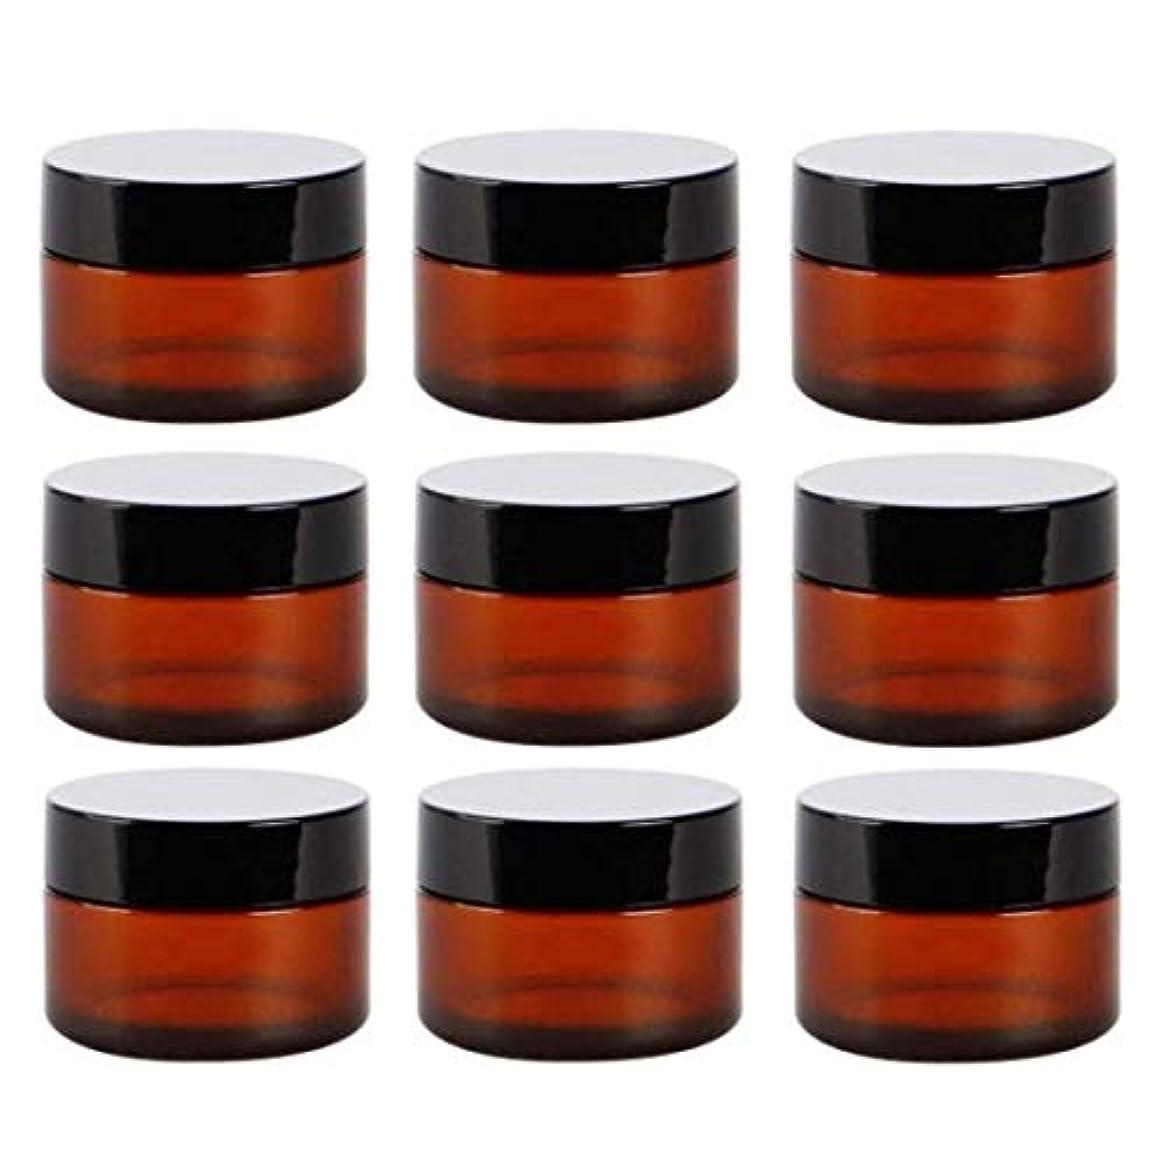 素晴らしい良い多くの積極的に乳白アロマオイル 精油 香水やアロマの保存 小分け用 遮光瓶 詰替え ガラス製 9本セット茶色10g